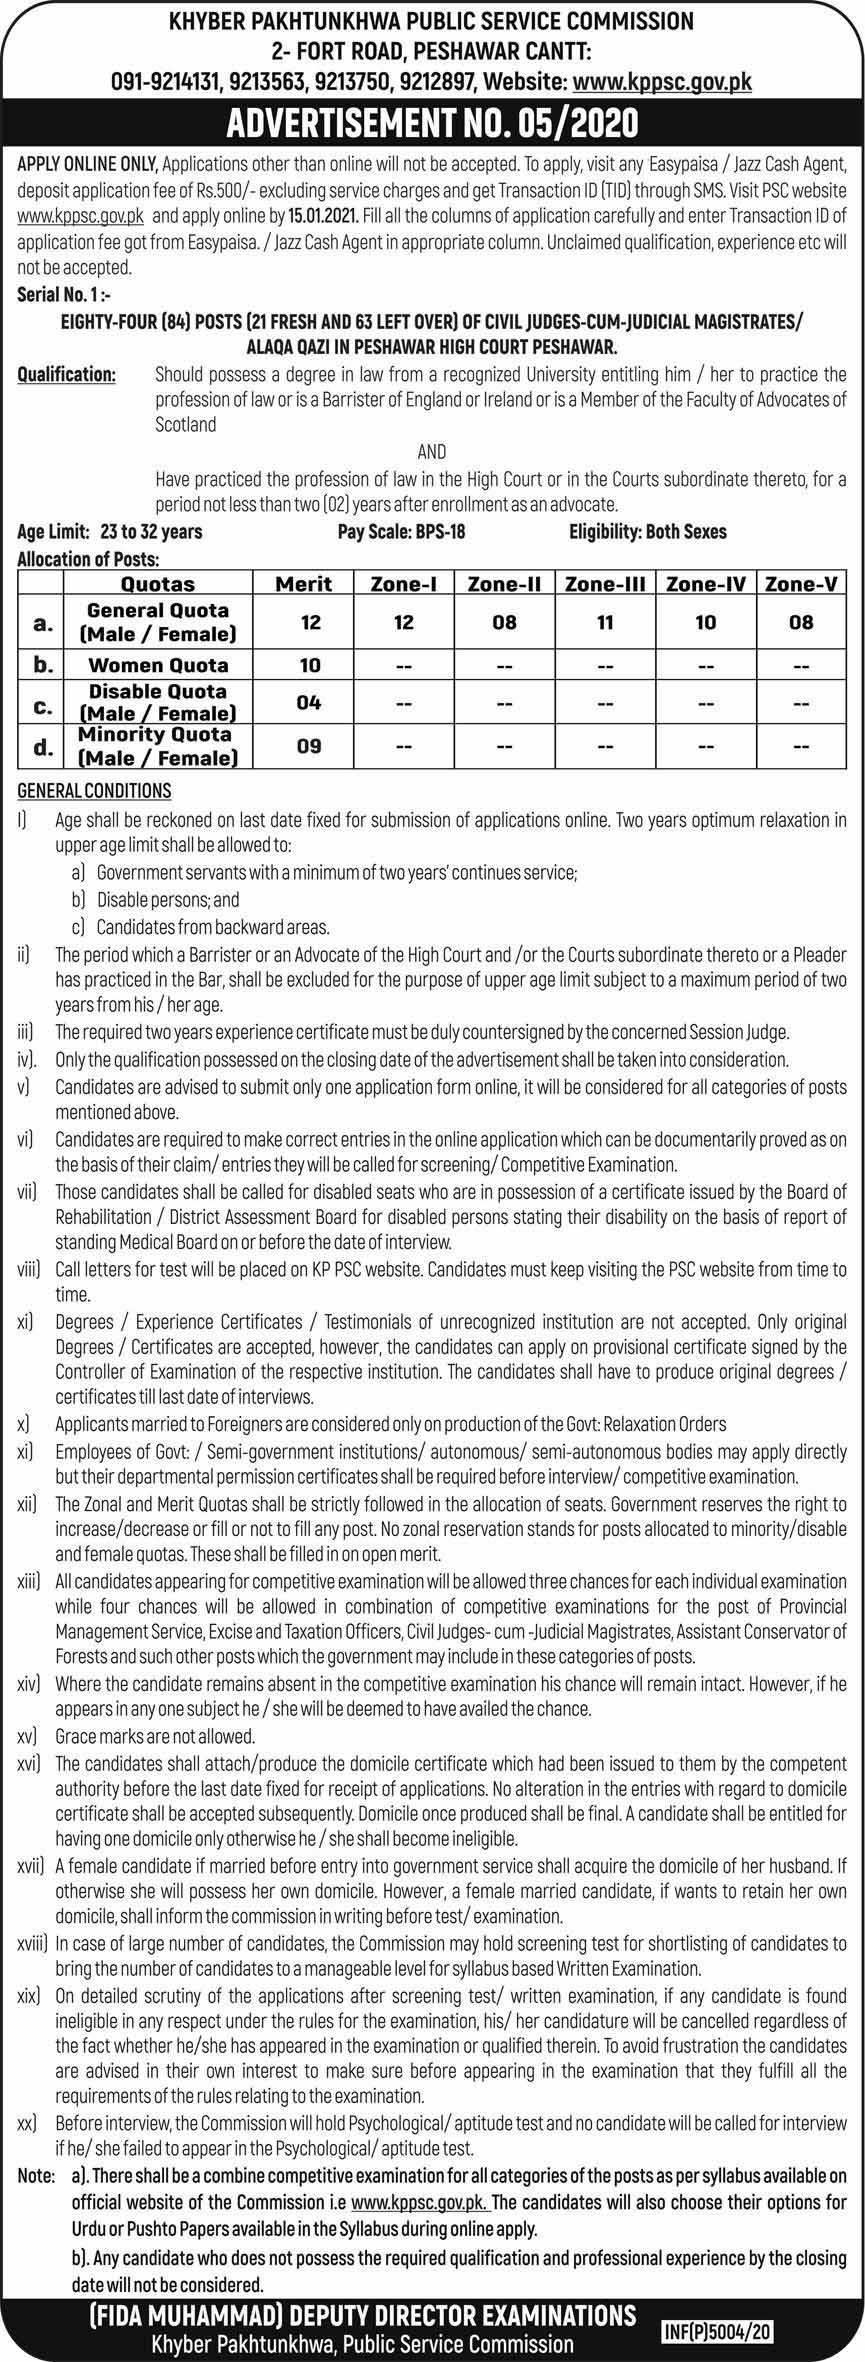 KPPSC 2021 Jobs Advertisement